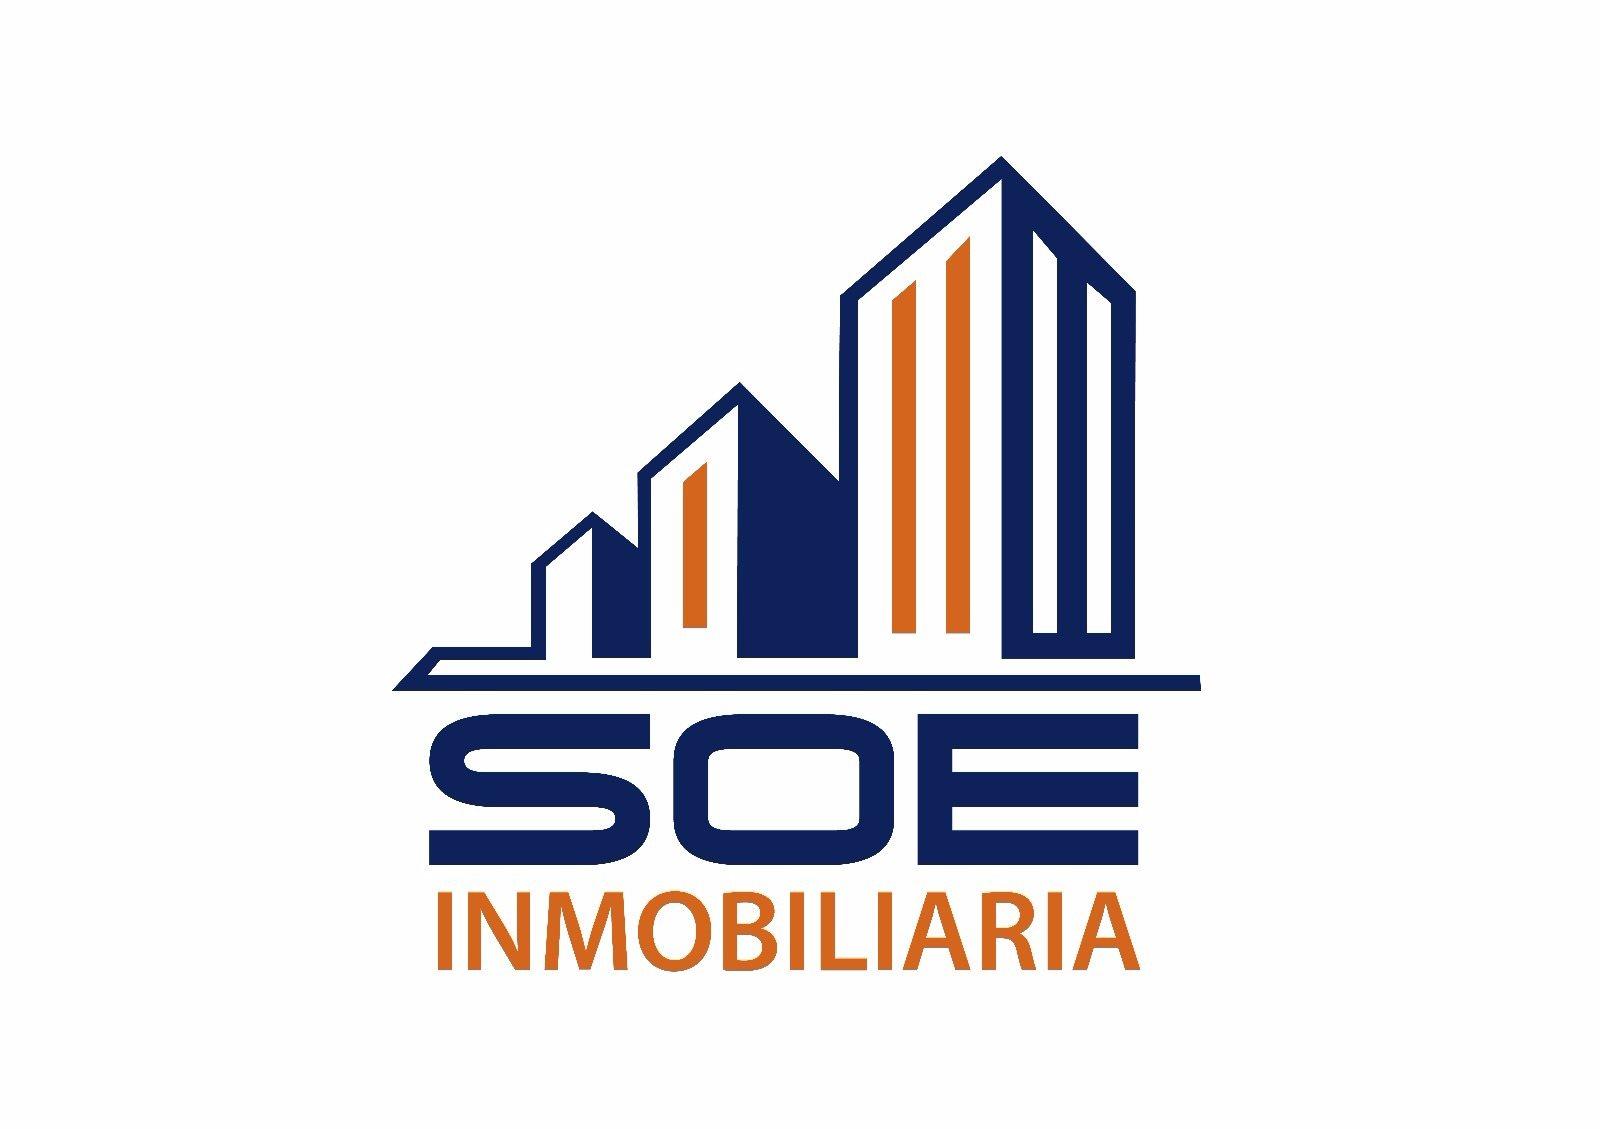 Gestiones inmobiliarias y asesorías SOE